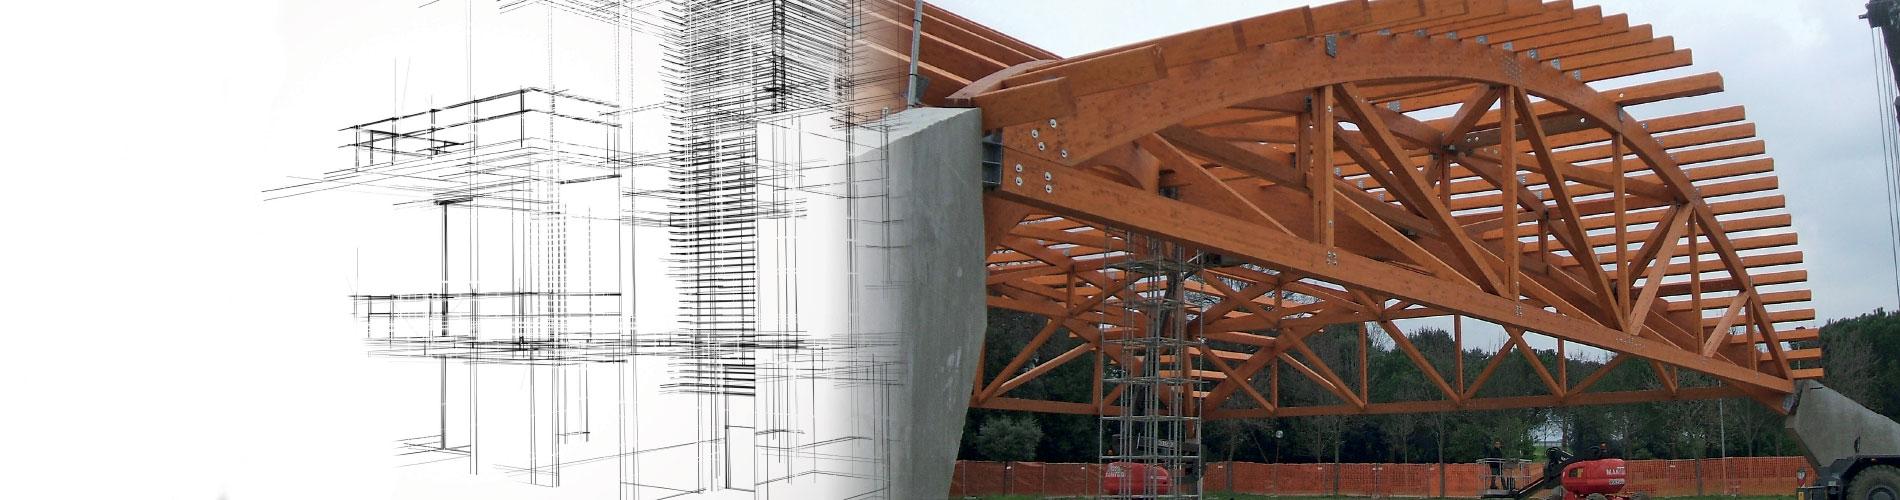 tipiesse-progettazione-e-realizzazione-di-resine-per-la-pavimentazione-sportiva-e-nella-realizzazione-di-impianti-sportivi